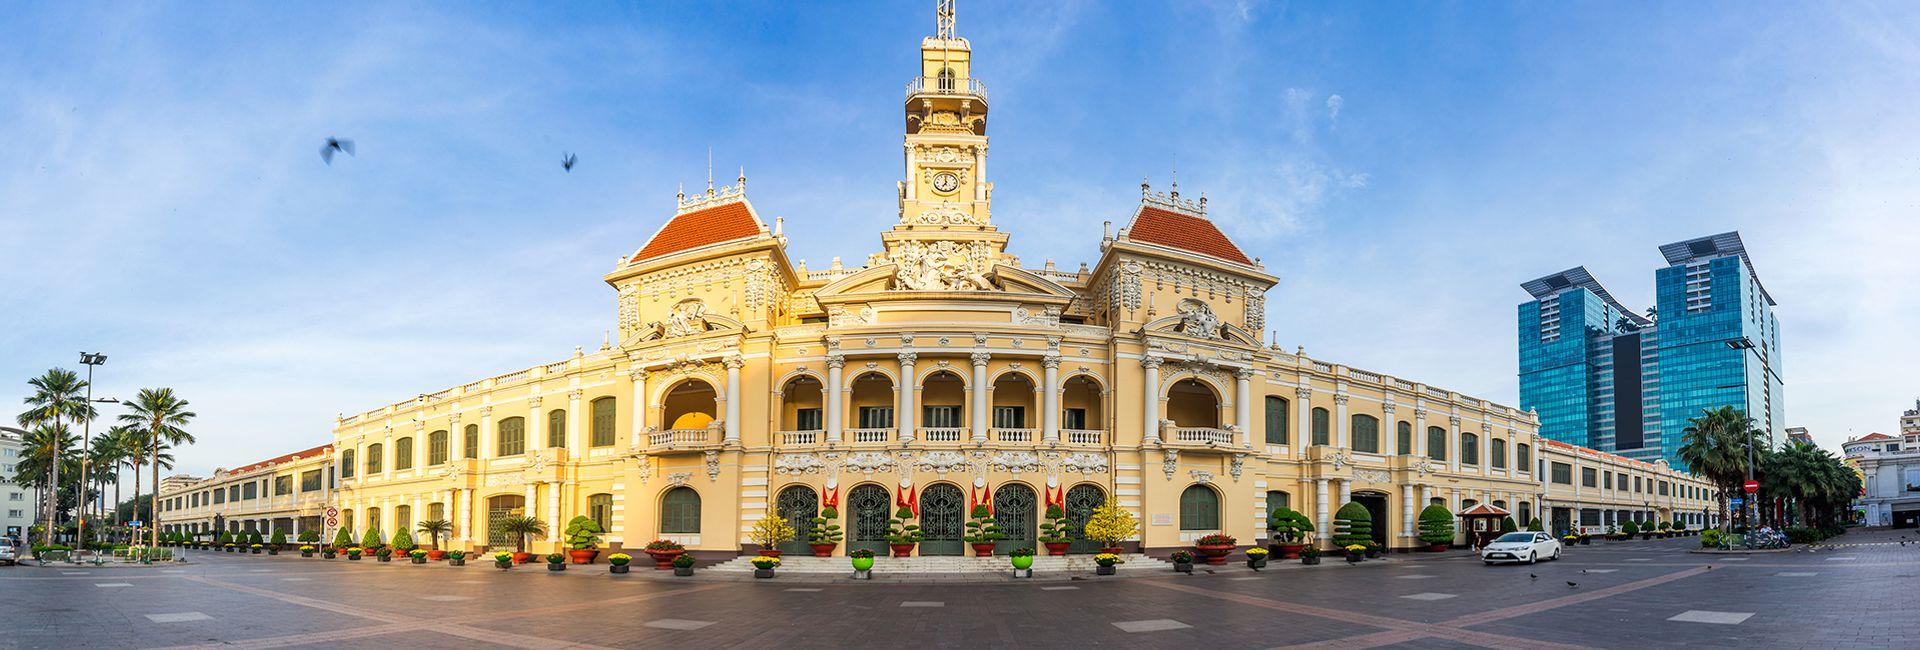 Hướng dẫn du lịch Sài Gòn 2 ngày 1 đêm đầy đủ và chi tiết nhất